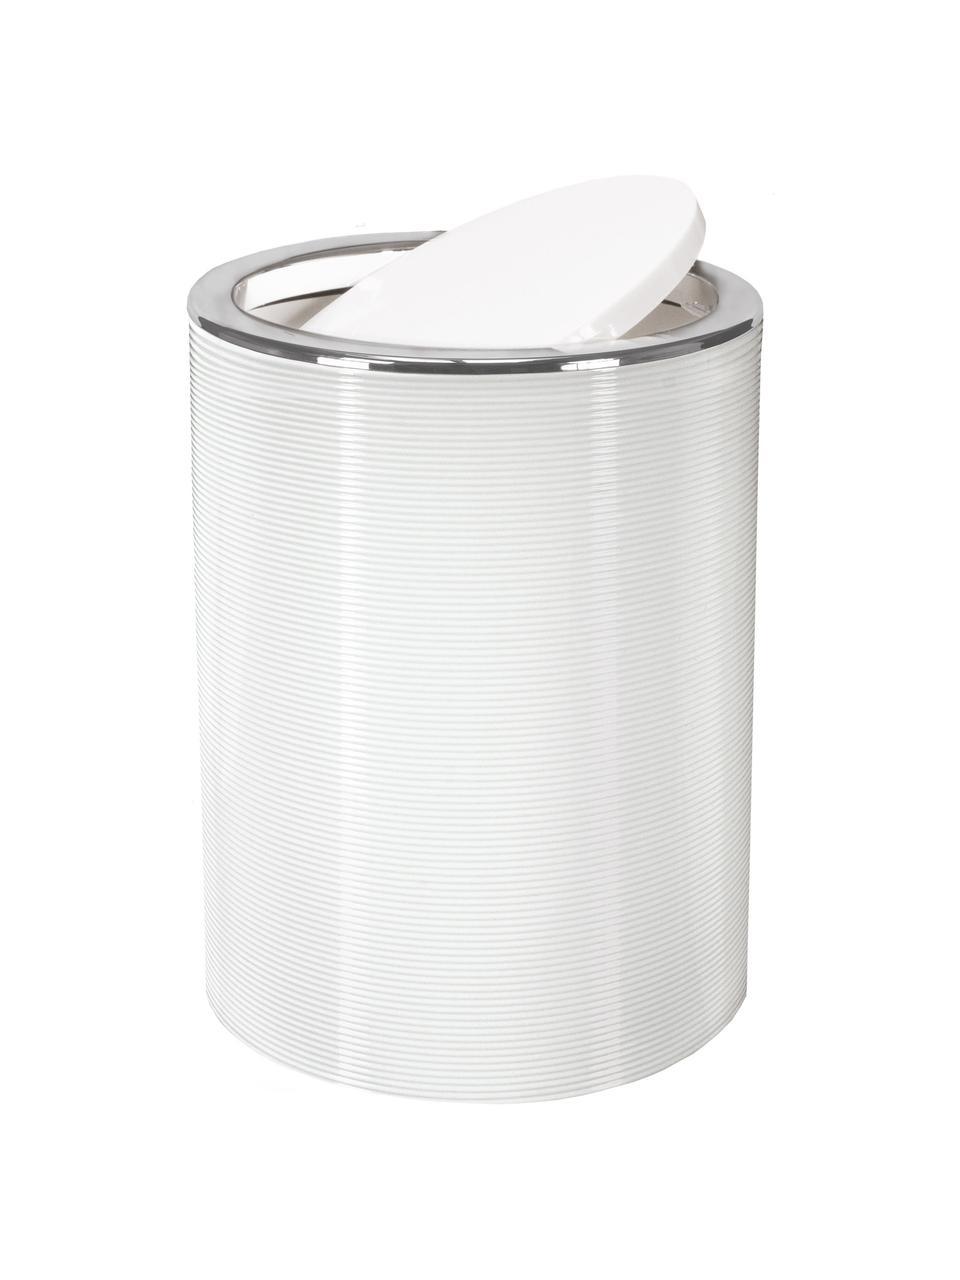 Kosz na śmieci Trace, Tworzywo sztuczne, Biały, Ø 19 x W 25 cm